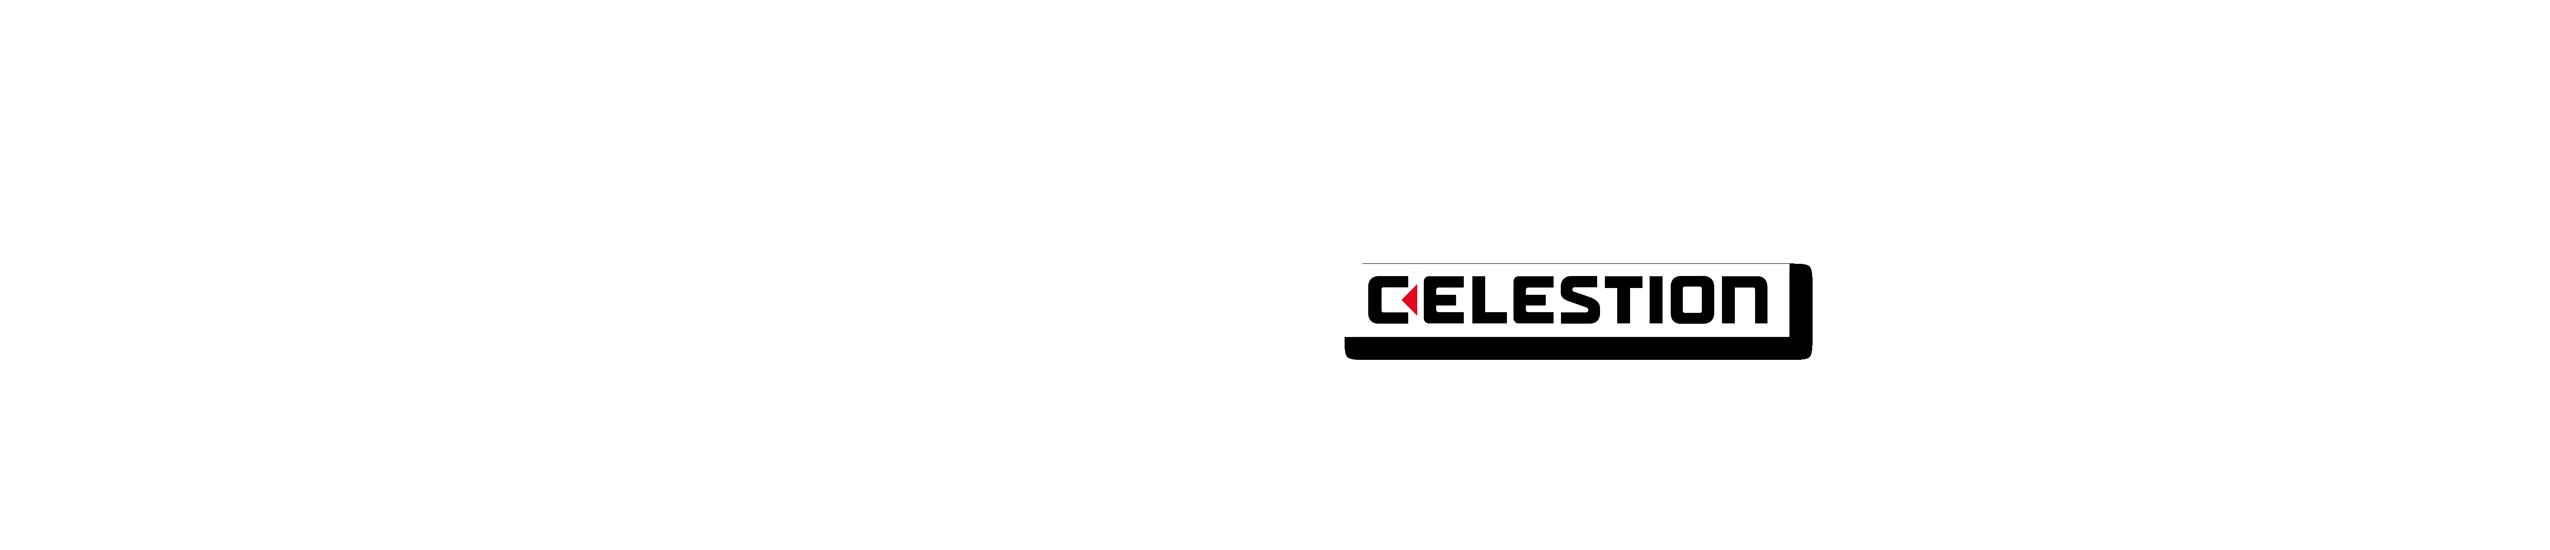 CelestionPlus Impulse Response - Authentic Speaker IRs